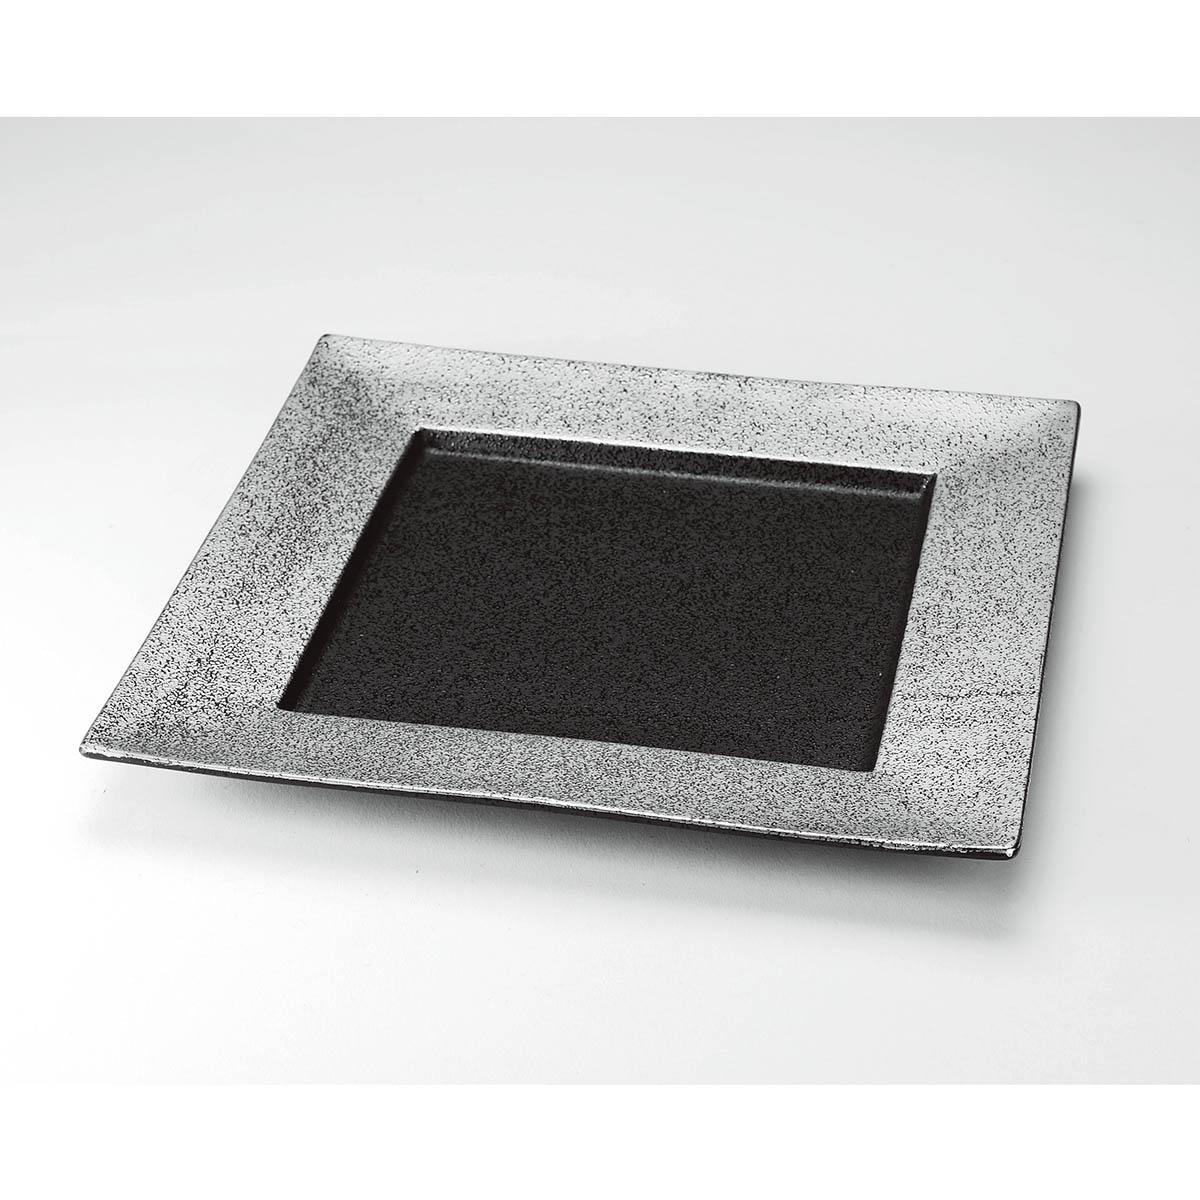 錫音(すずね) 正角皿24cm/CMSZ2491【01】【01】【取寄】[4個]《 雑貨 キッチン用品・調理器具 和食器 》